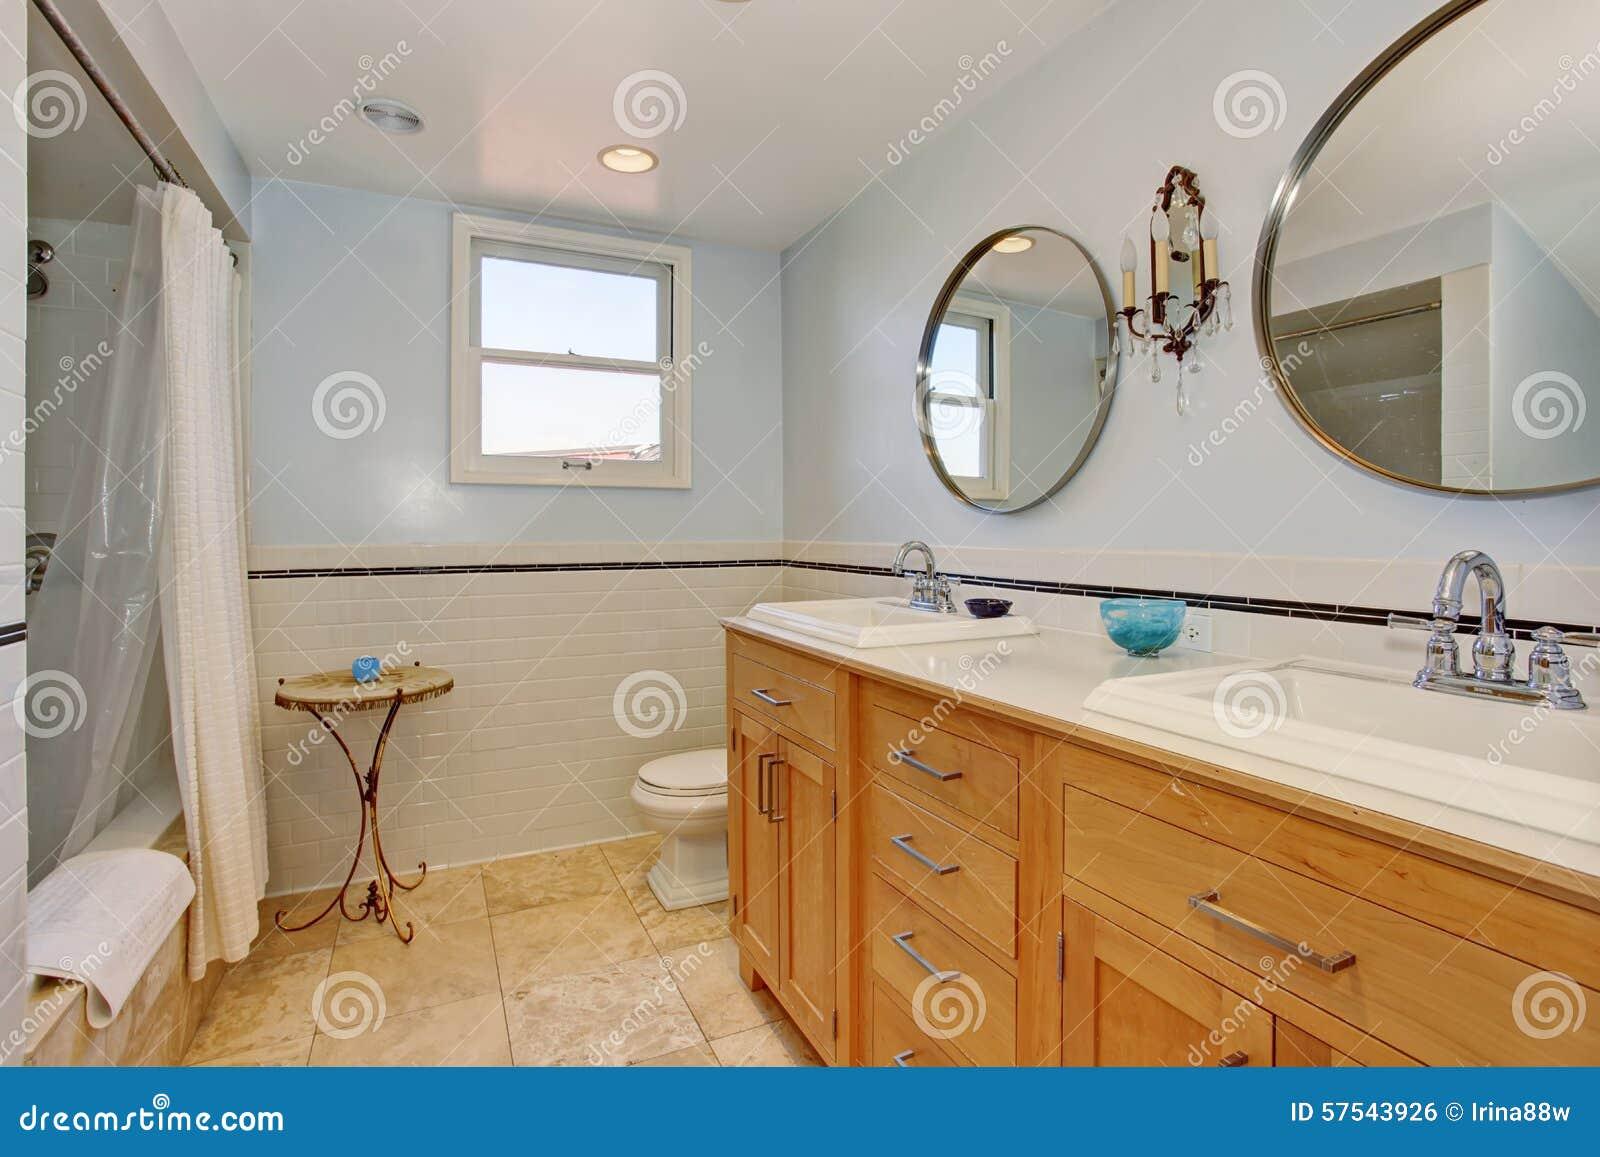 salle de bains moderne avec deux miroirs ovales et rideau. Black Bedroom Furniture Sets. Home Design Ideas